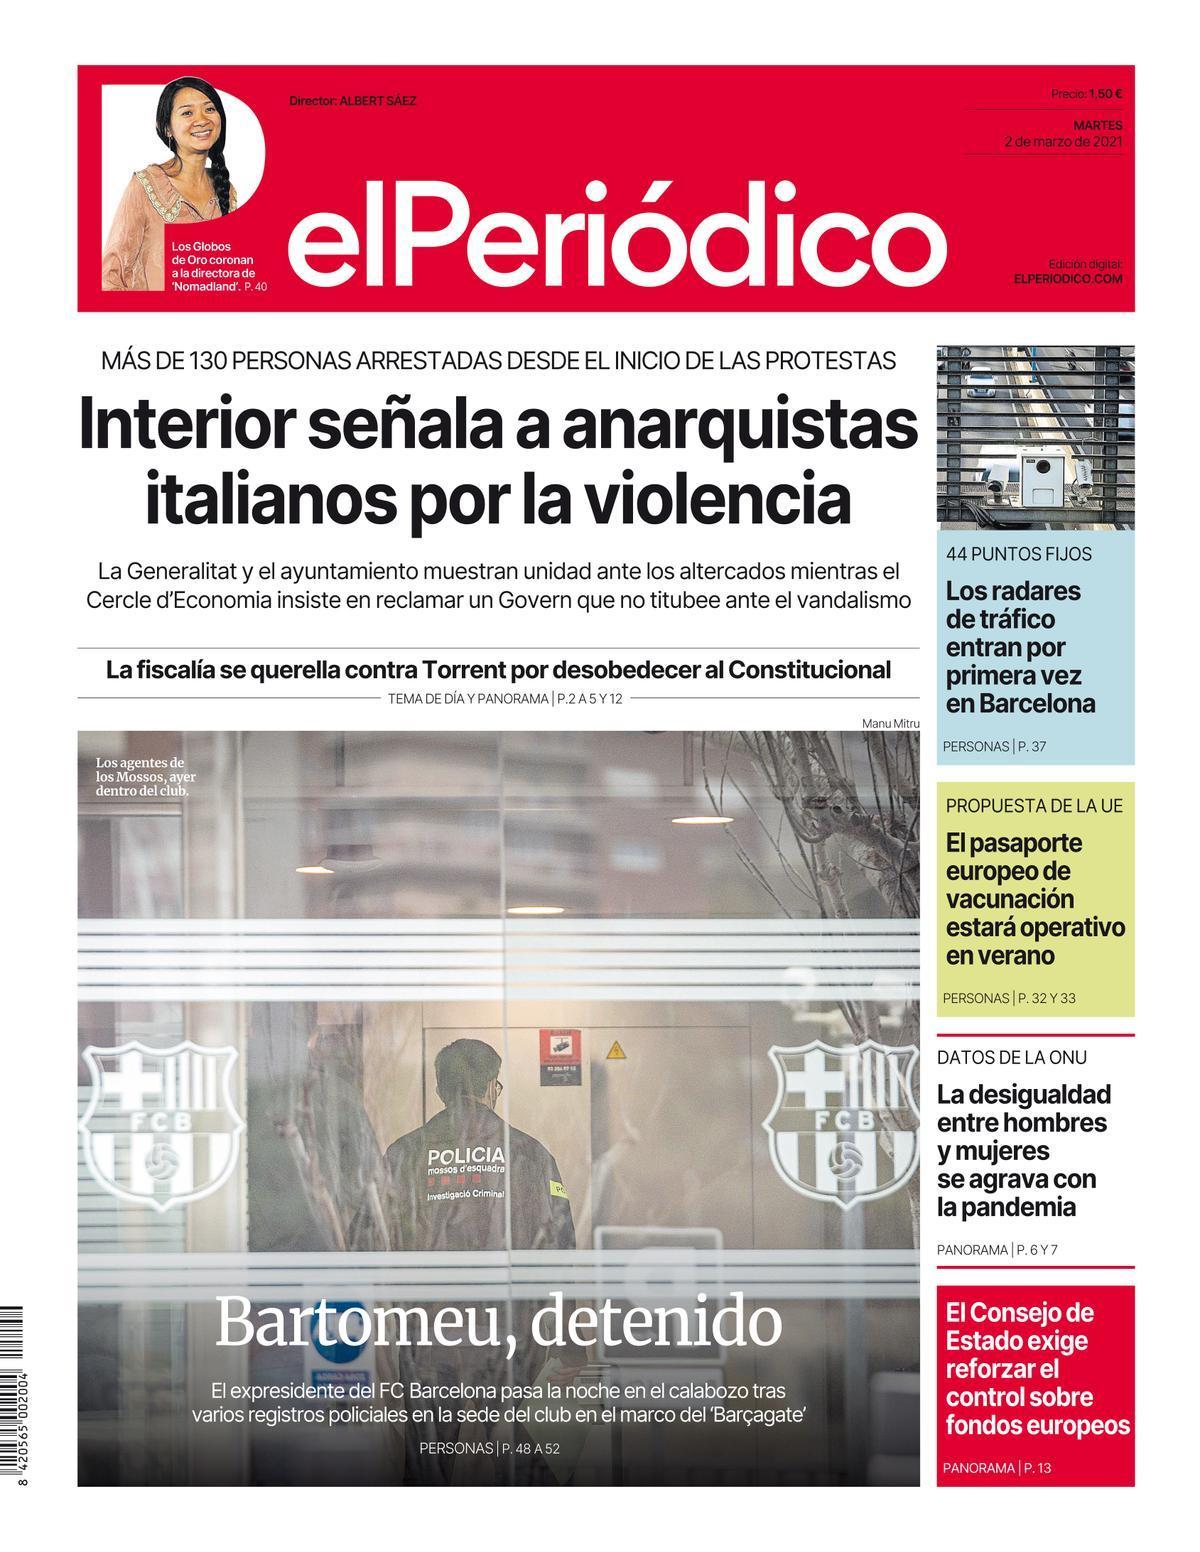 La portada de EL PERIÓDICO del 2 de marzo de 2021